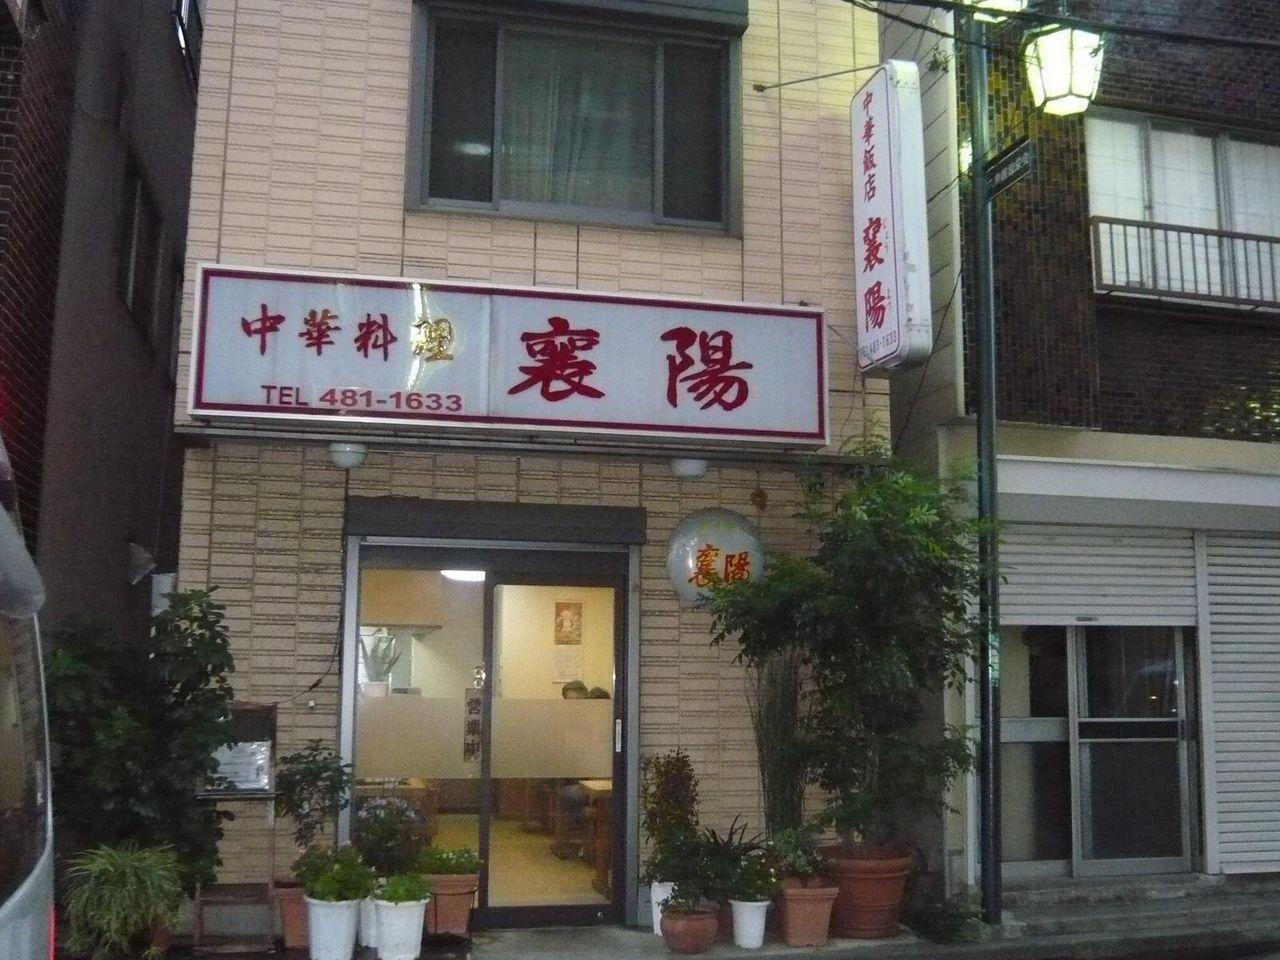 餃子、焼売、春巻がデカイ!・・・白楽「襄陽(じょうよう)」